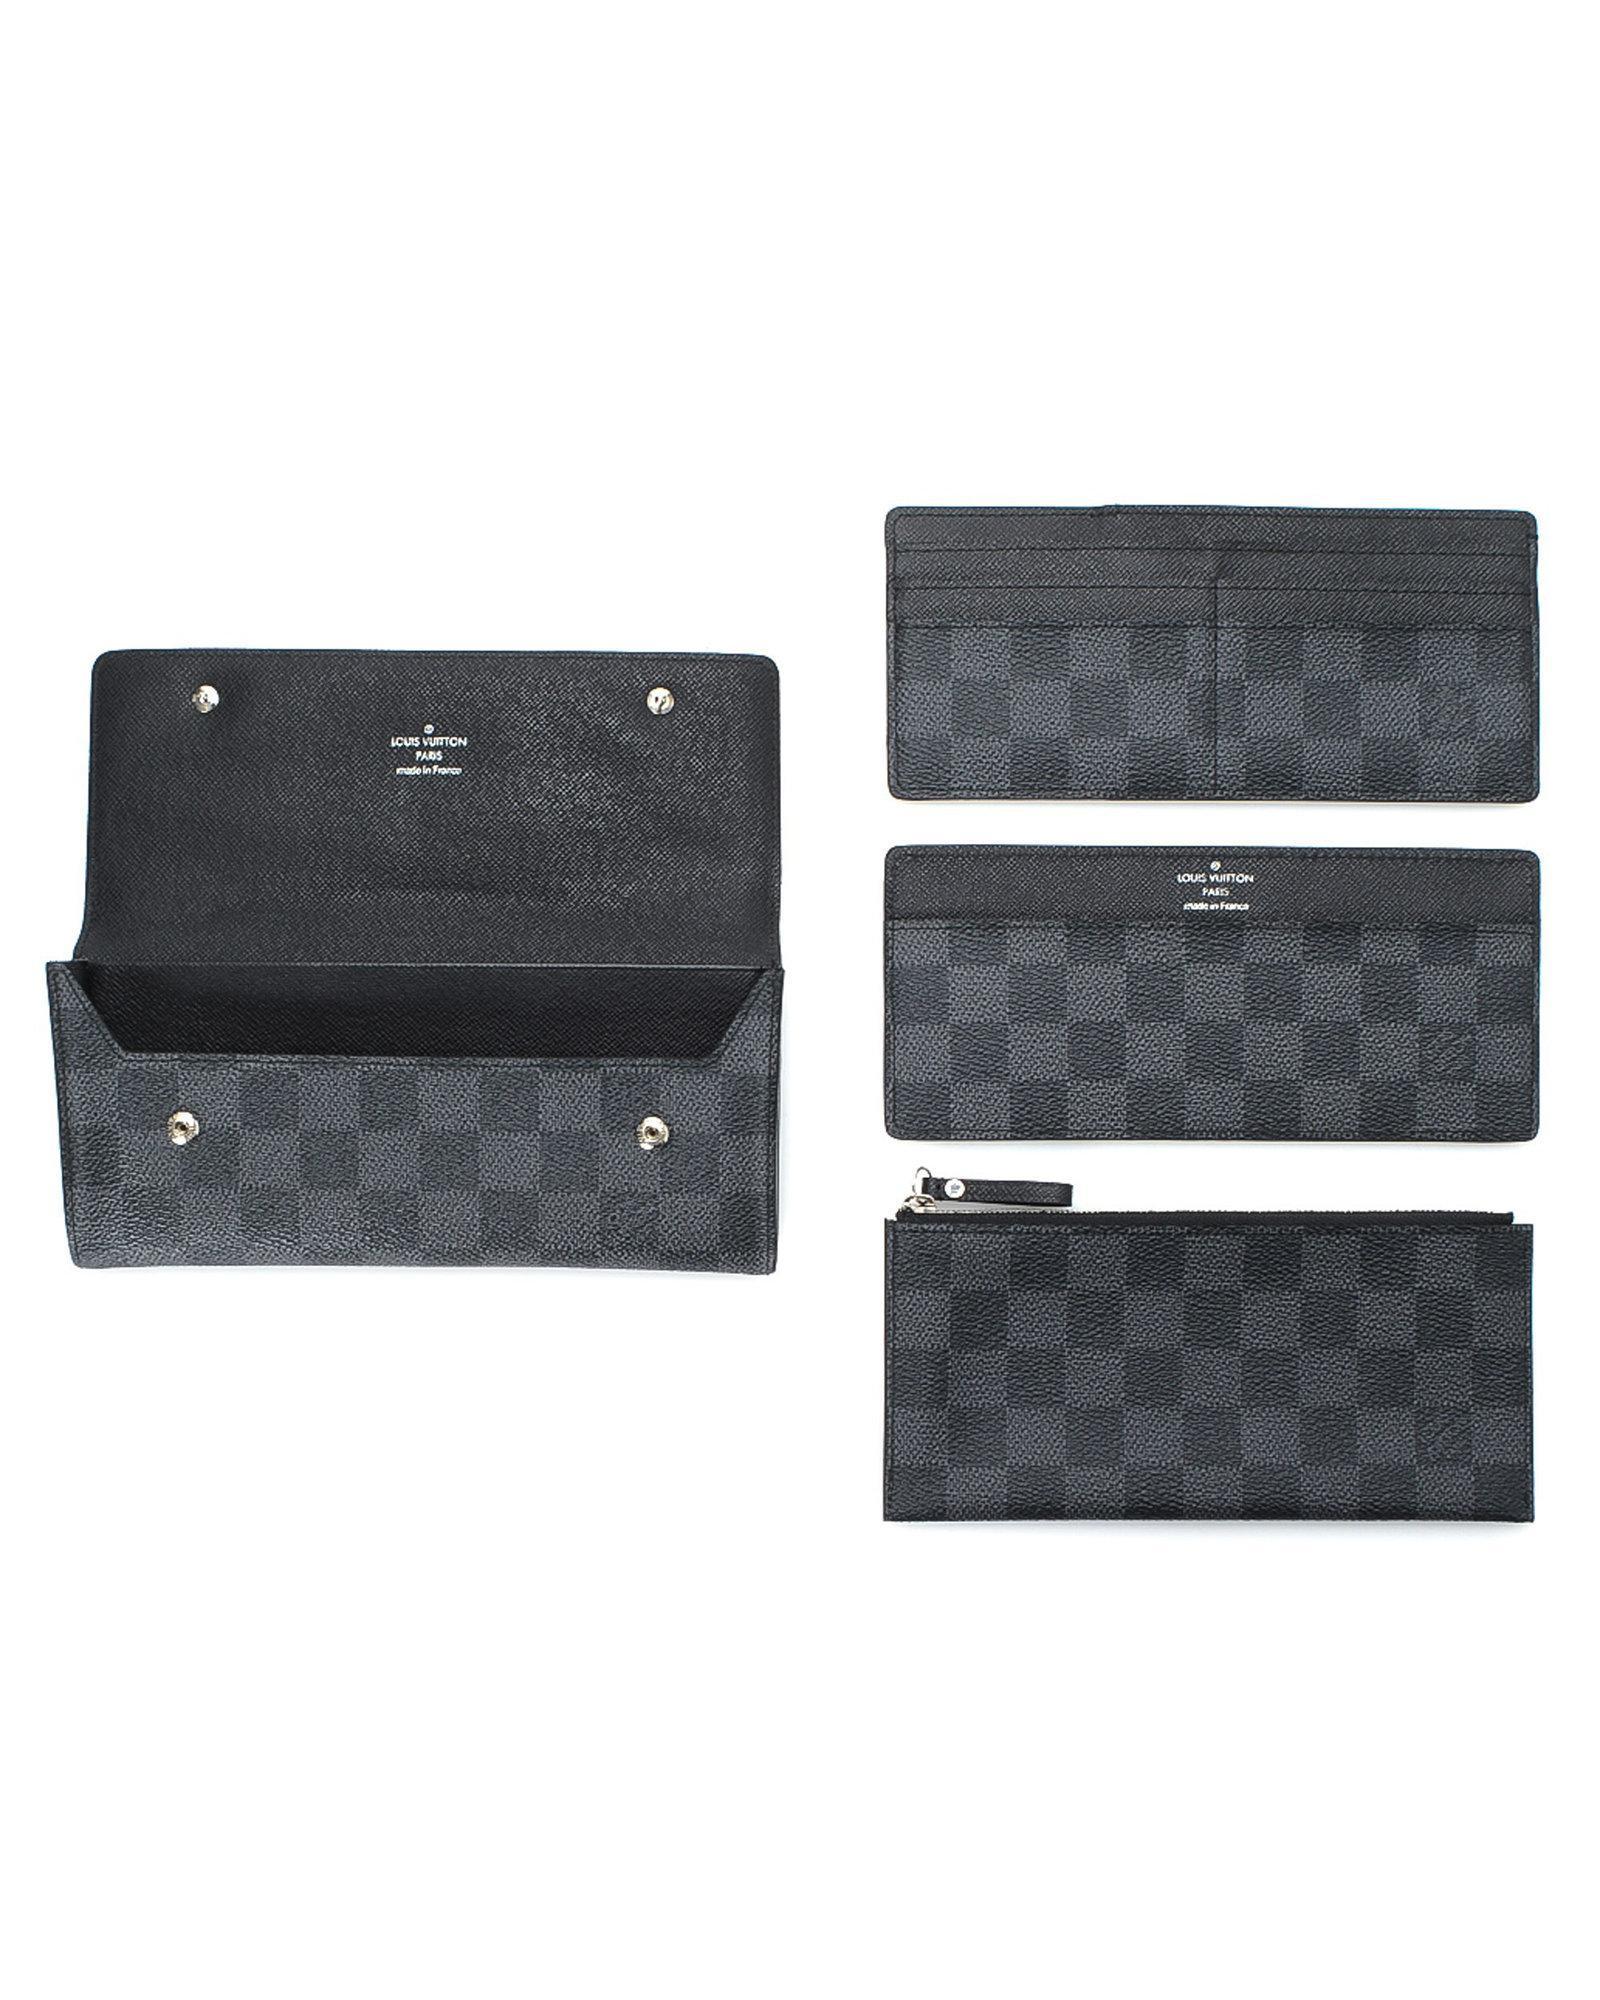 Lyst - Louis Vuitton Damier Graphite Portefeuille Long Modulable ... c4a4a556928